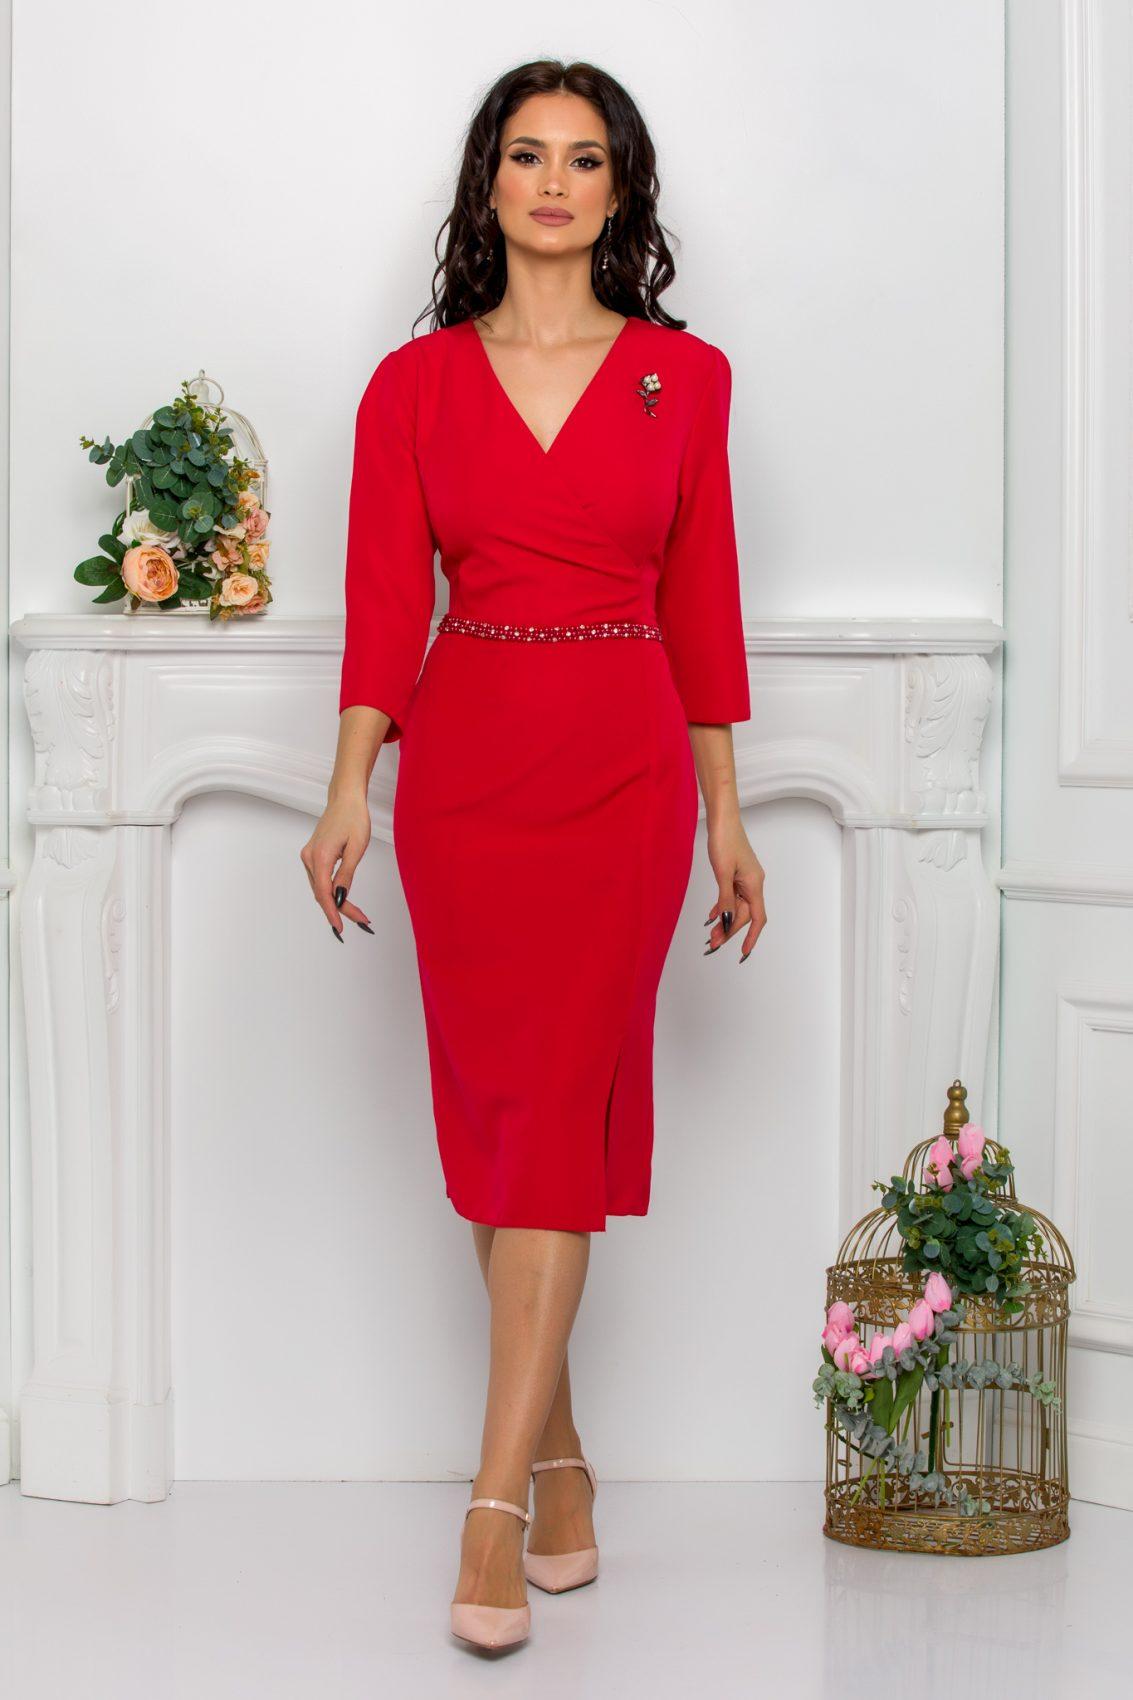 Κόκκινο Φόρεμα Με Πέρλες Johanna 9545 1